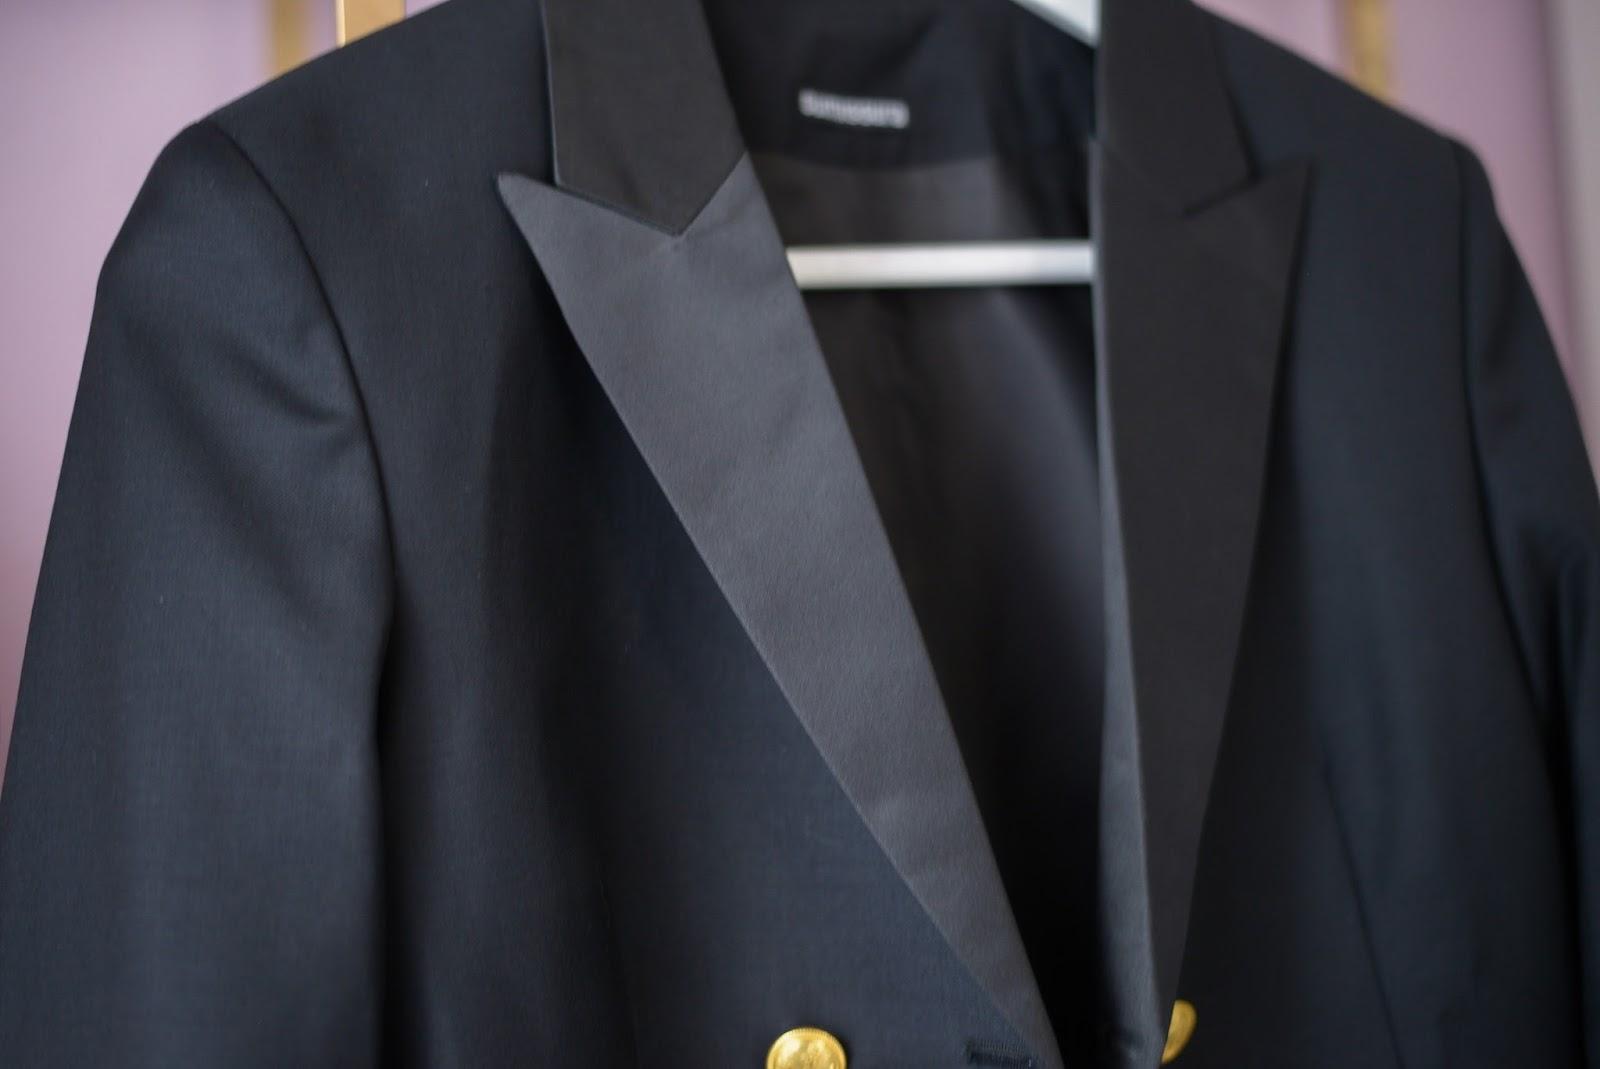 sumissura review_sumissura blazer_balmain inspired blazer